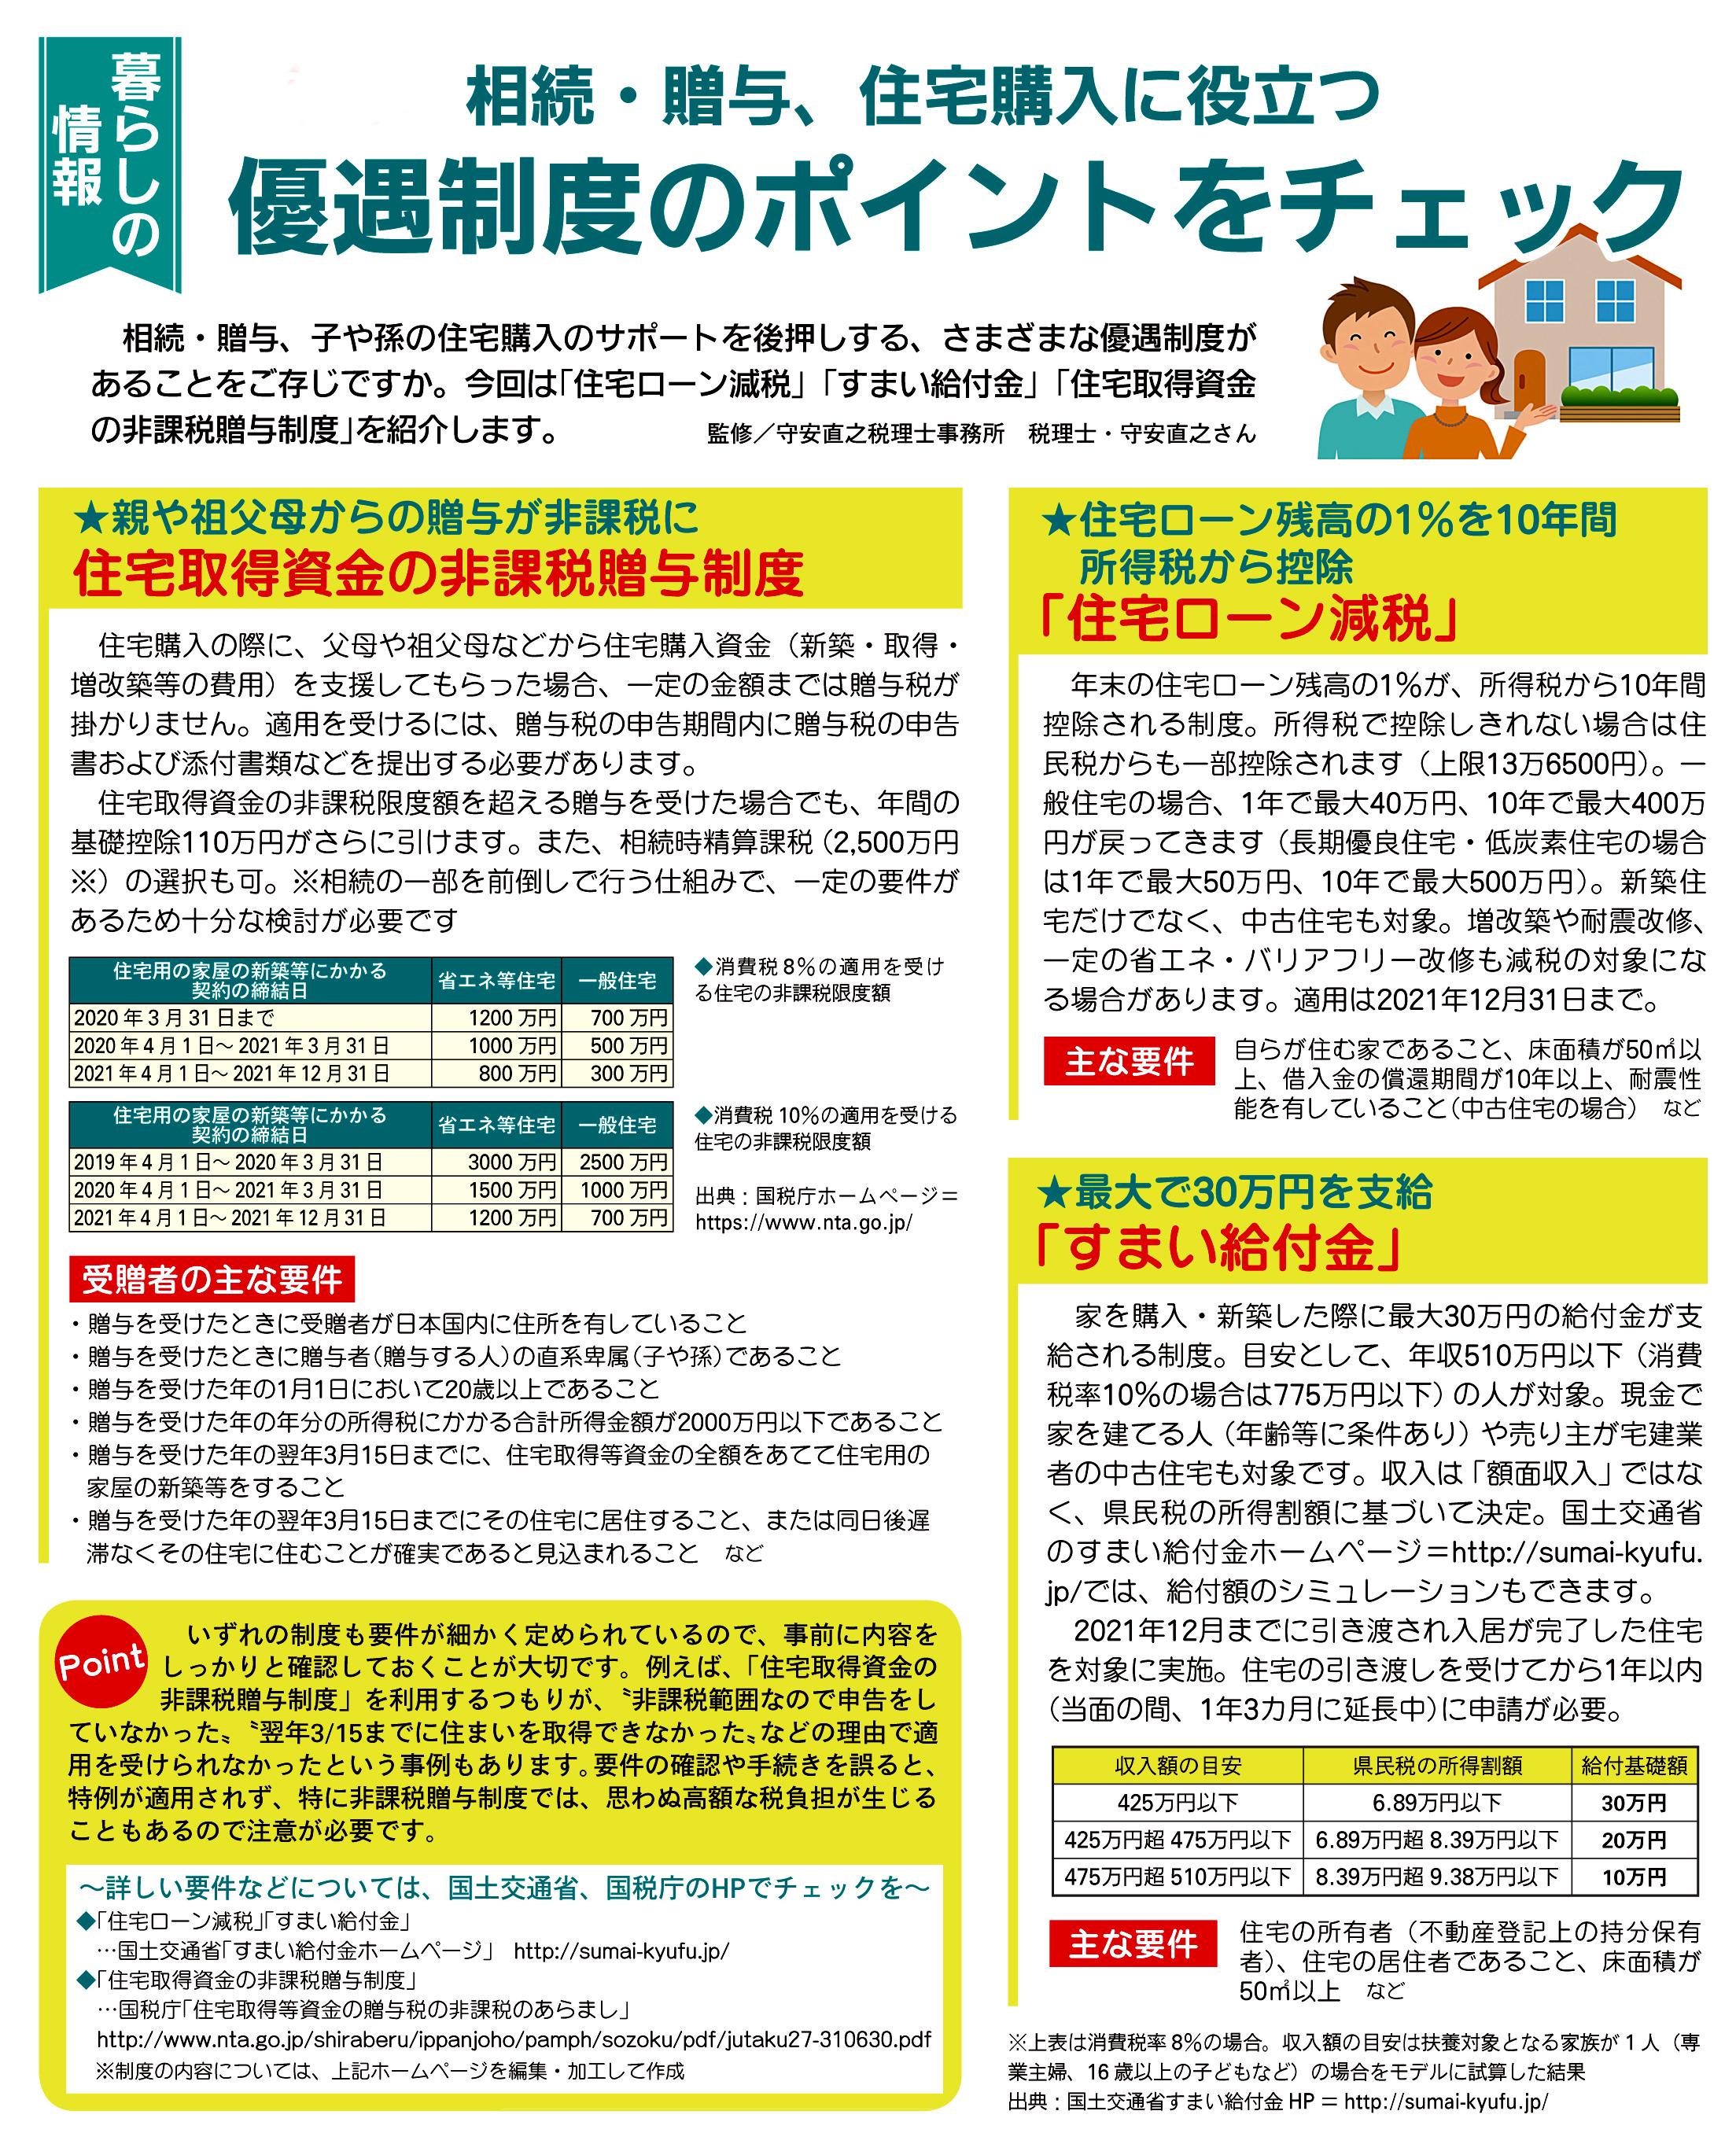 両備季刊誌2017vol9-01-04.indd